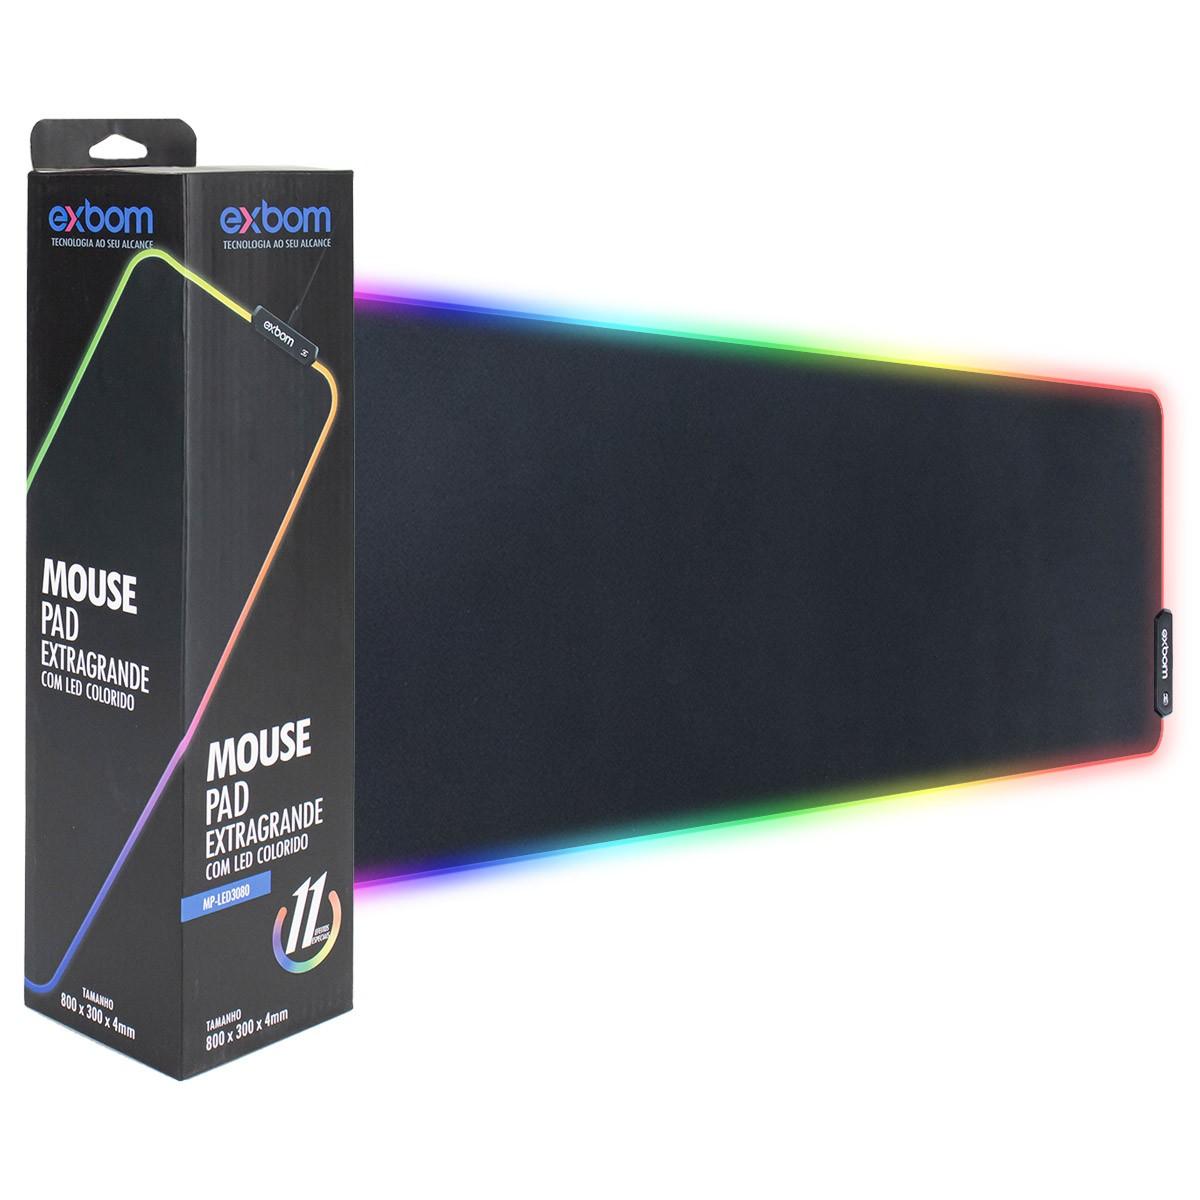 Mouse Pad Gamer Extra Grande com LEDs RGB 7 Cores Exbom MP-LED3080 300x800x4mm